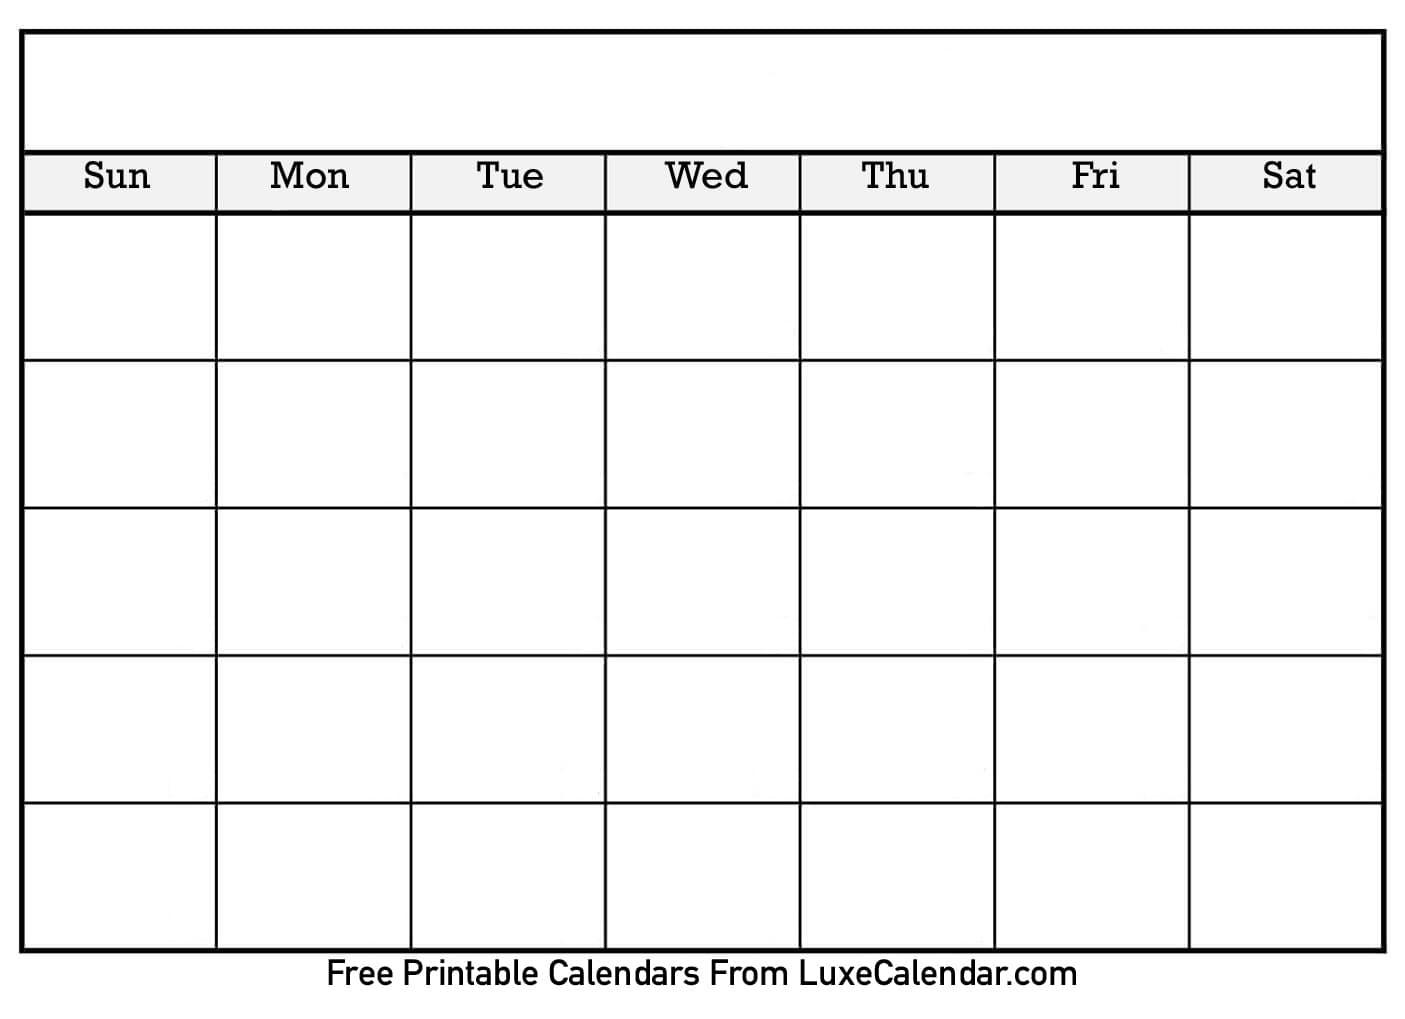 Blank Printable Calendar - Luxe Calendar regarding Printable Monthly Blank Calendar Page